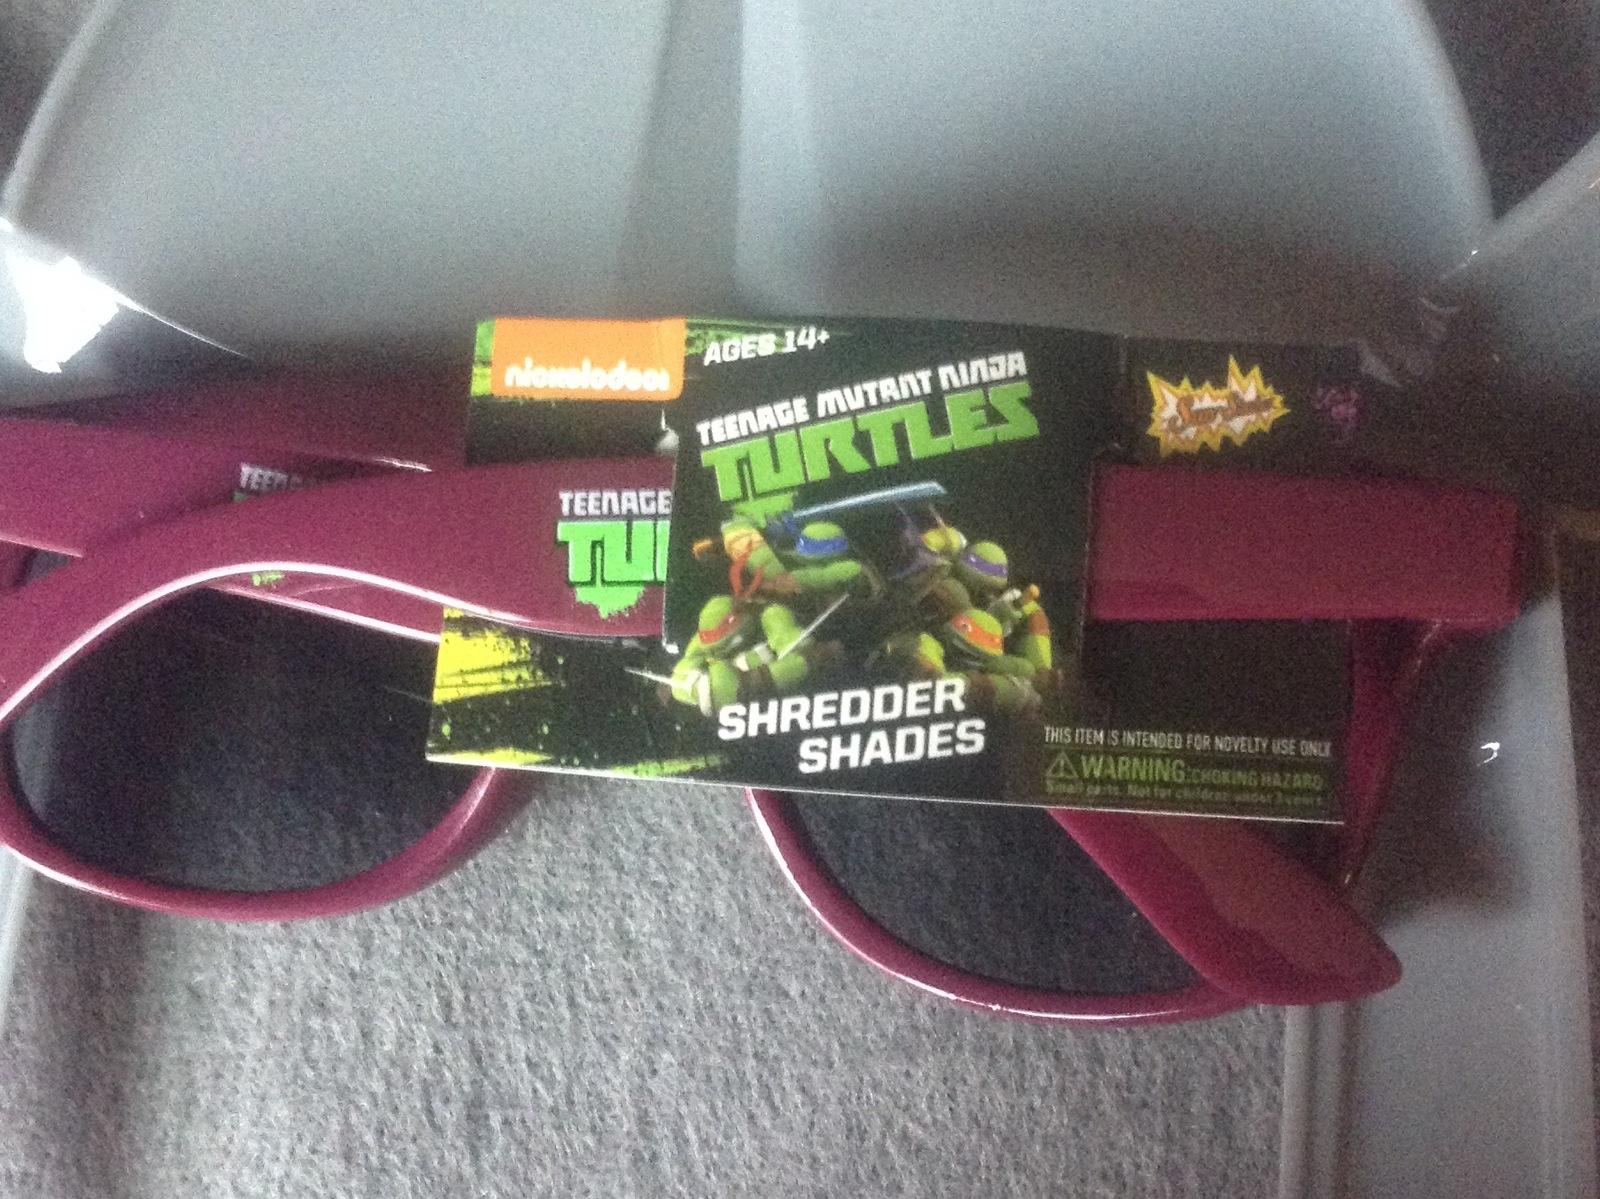 Teenage Mutant Ninja Turtles Shredder Shades Sunglasses Cosplay Mask Lootcrate